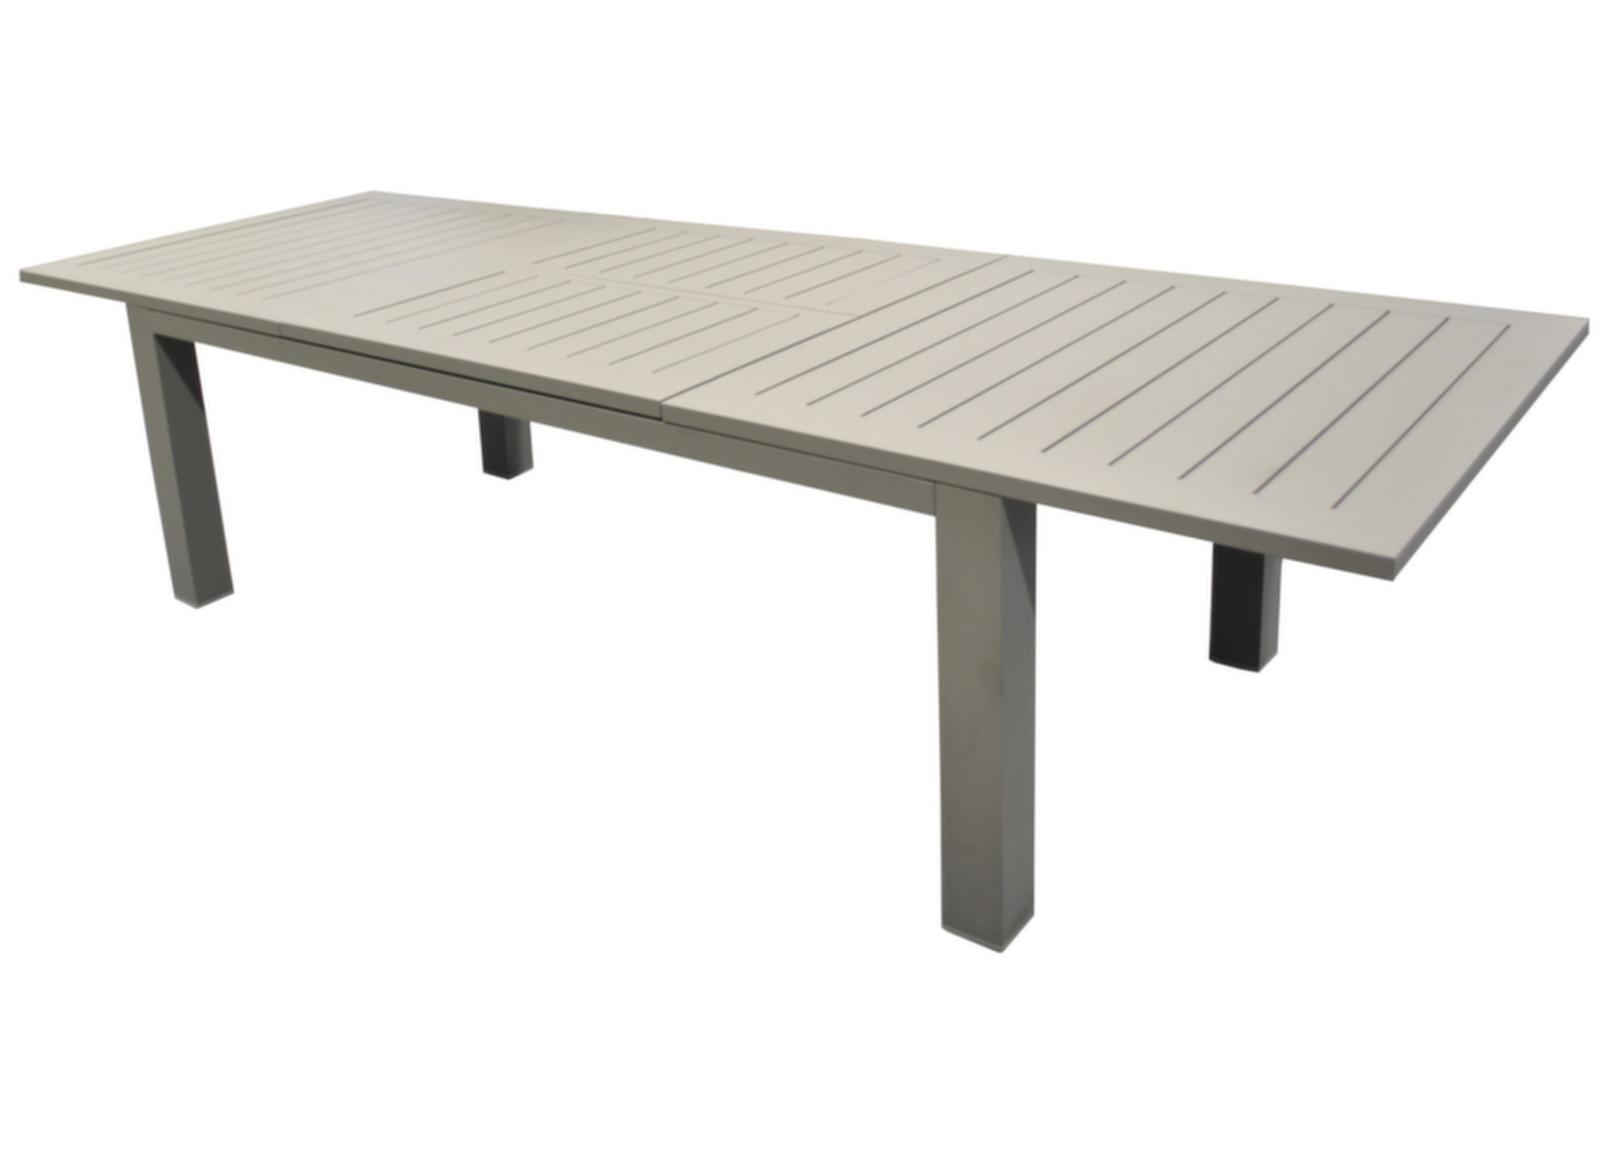 table qui se replie table de chevet avec plateau de lit with table qui se replie excellent. Black Bedroom Furniture Sets. Home Design Ideas